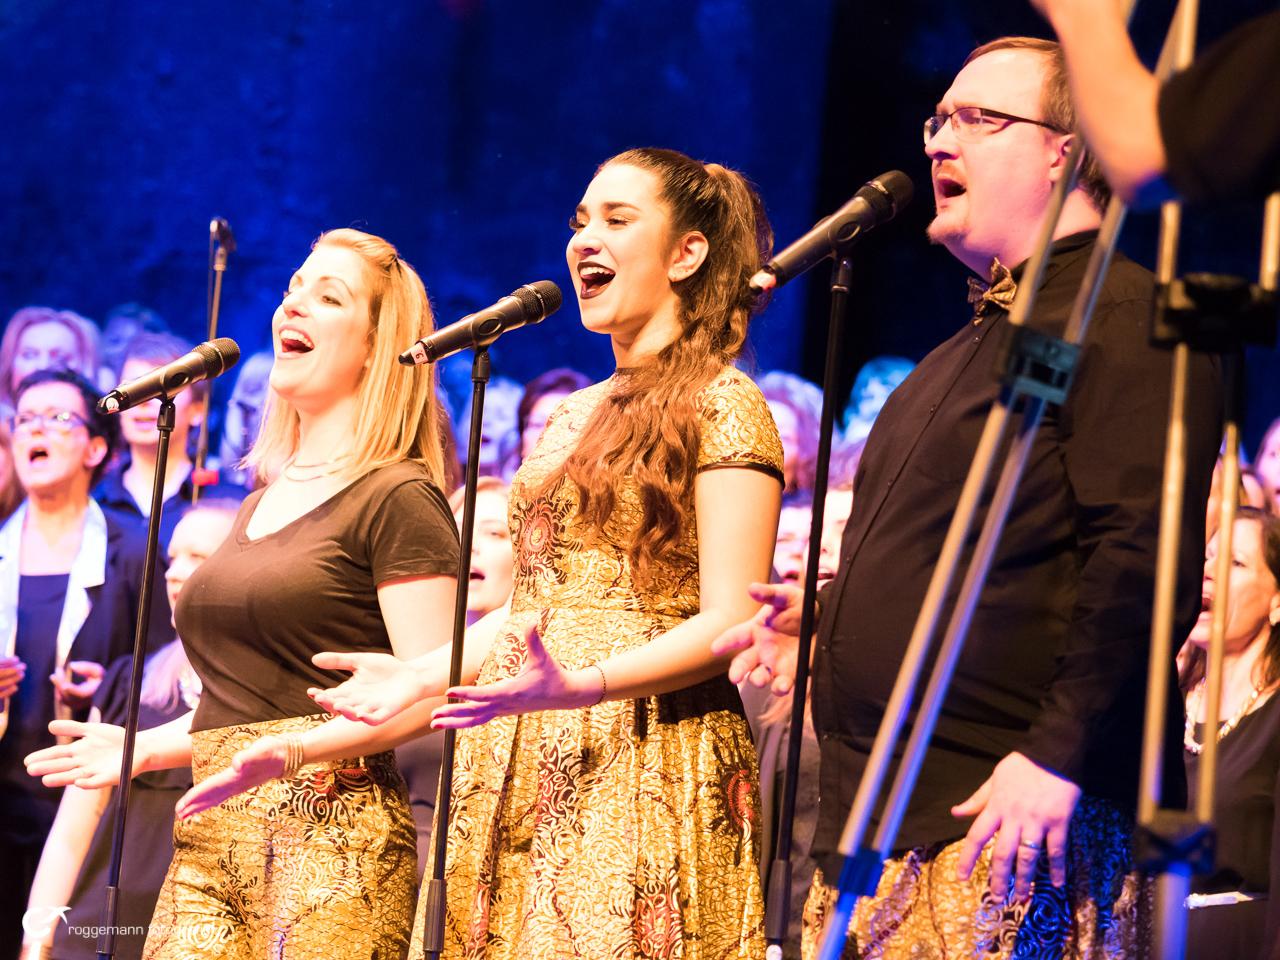 Sängergruppe des Gospelchor